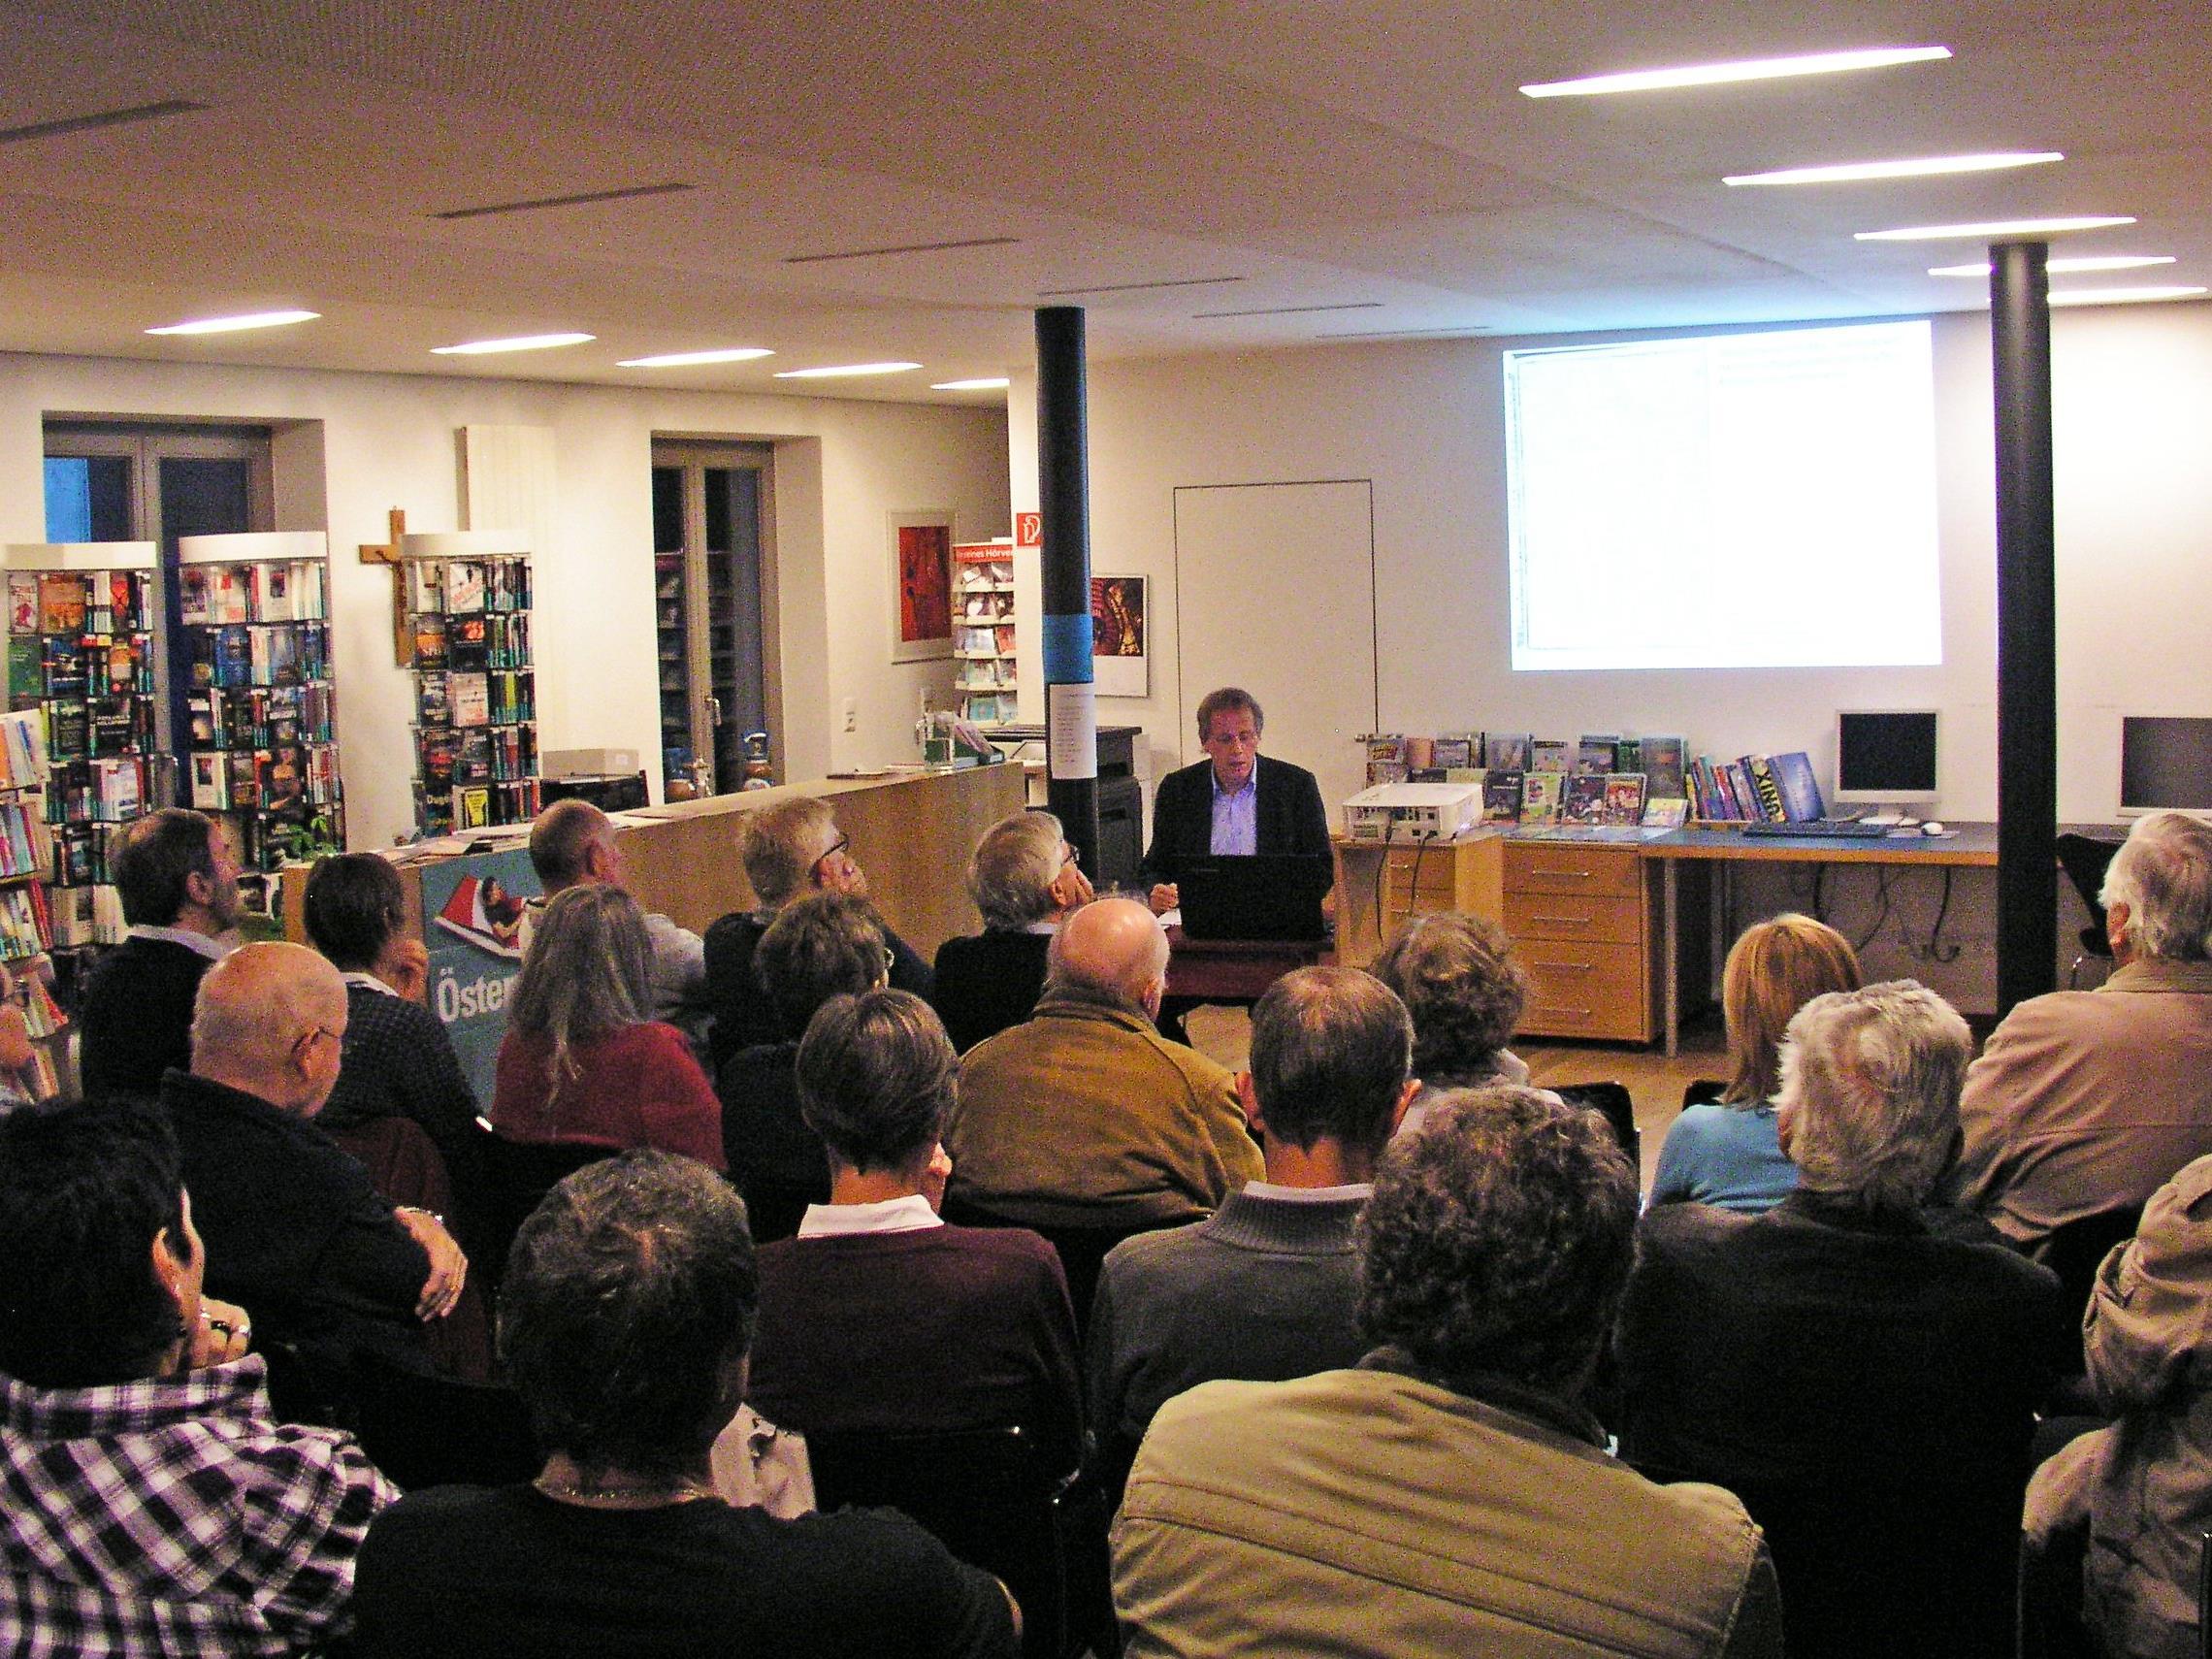 Kurator Mag. Norbert Schnetzer hatte vergangene Woche den Auftakt der Vortragsreihe gestaltet: Drei weitere Abende werden folgen und die Ausstellung begleiten.